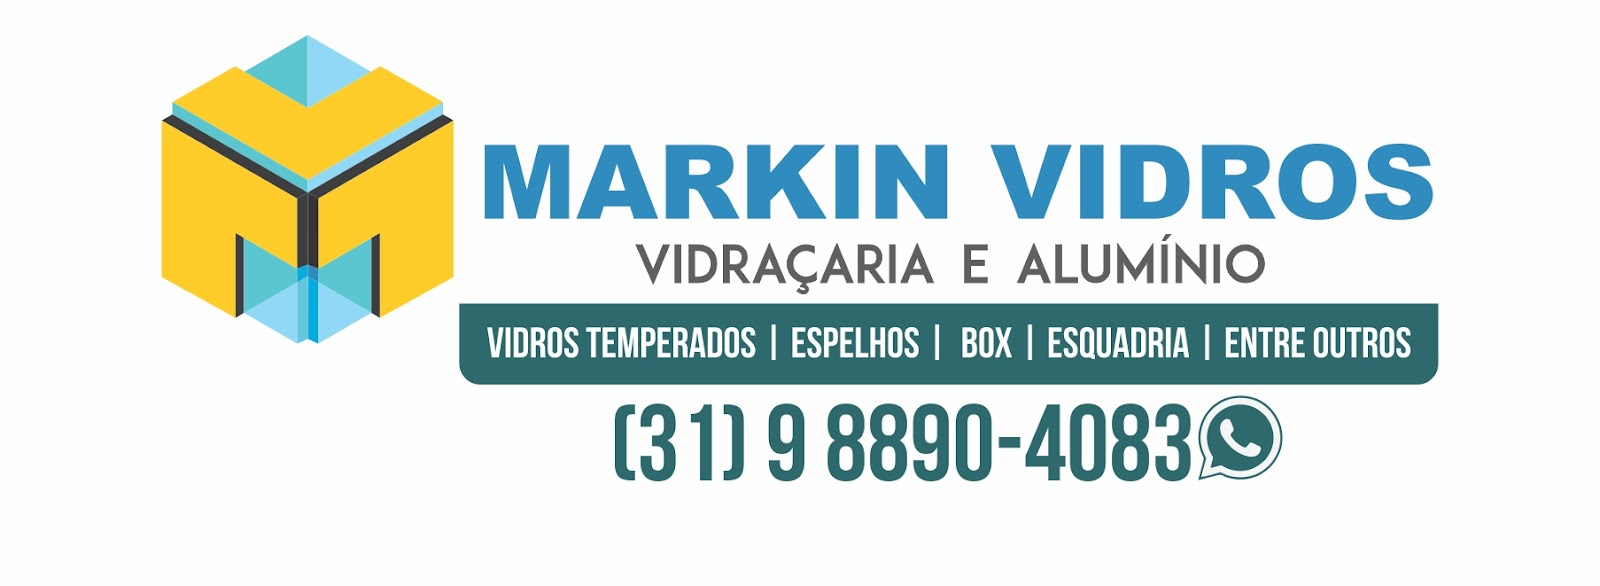 Empresa de Instalação de Vidros - Comum, Temperado, Box, Espelho